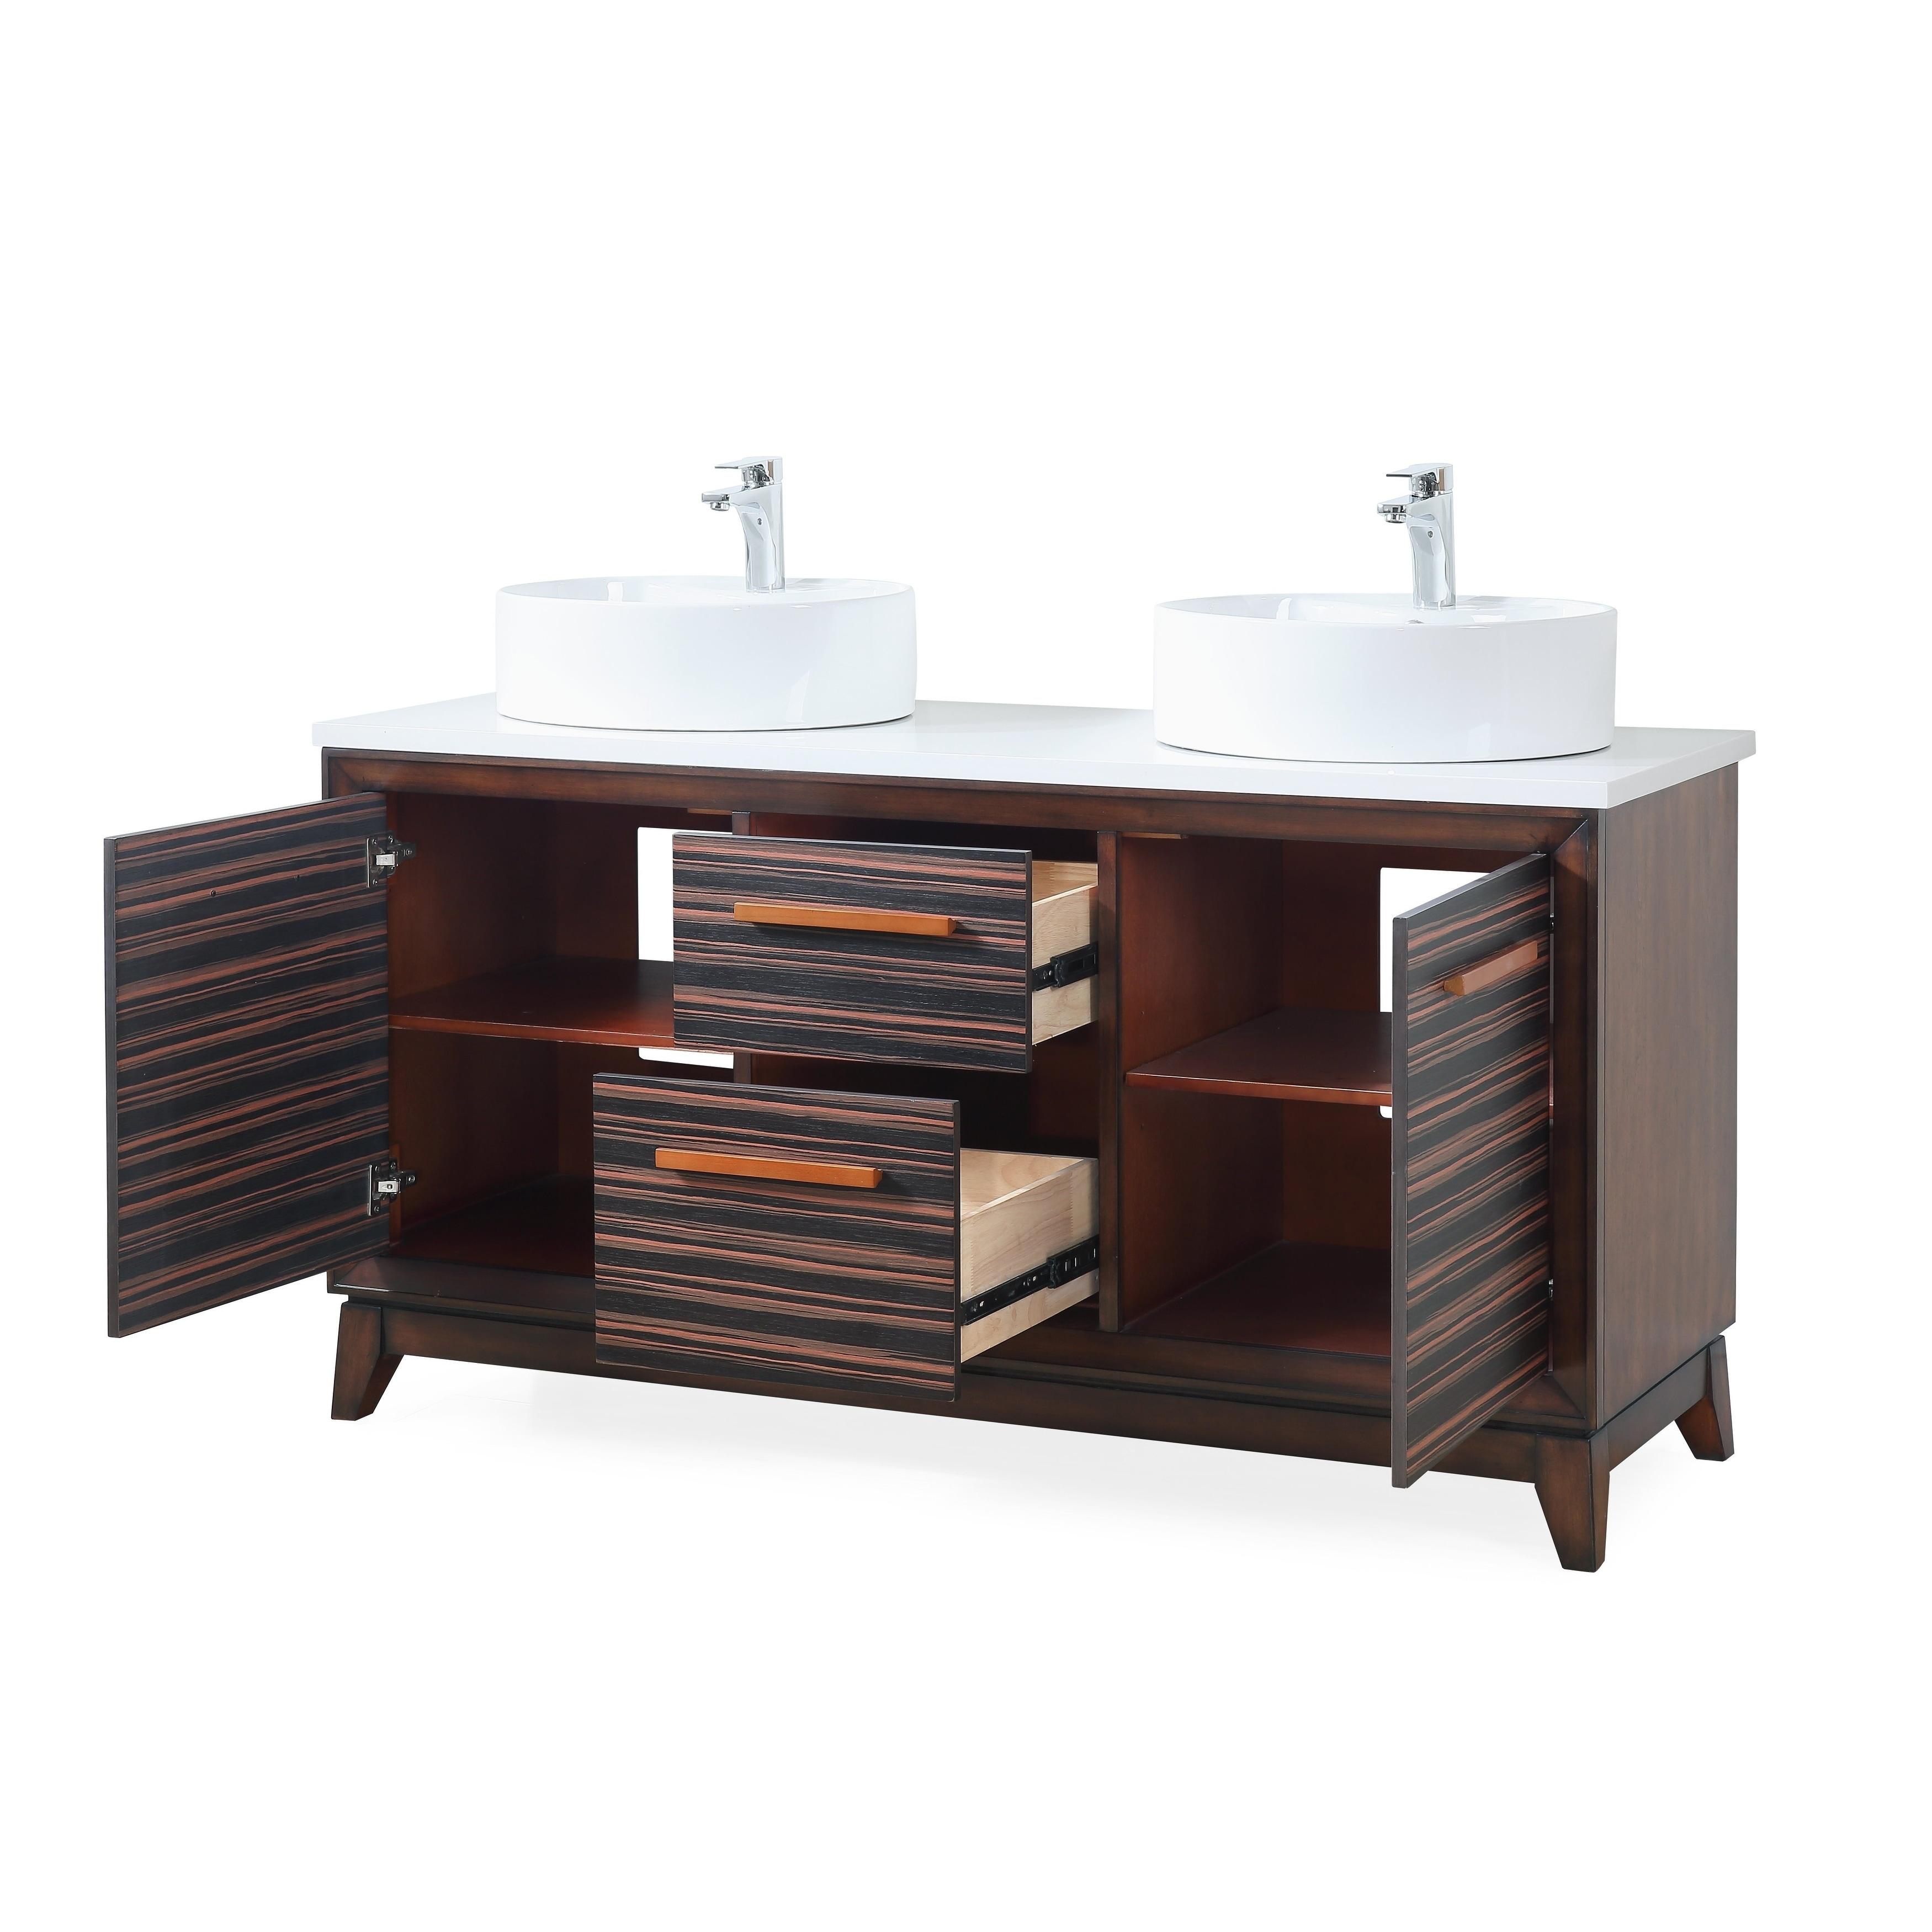 63 Tennnat Brand Arturo Double Sink Art Deco Bathroom Vanity Overstock 27283286